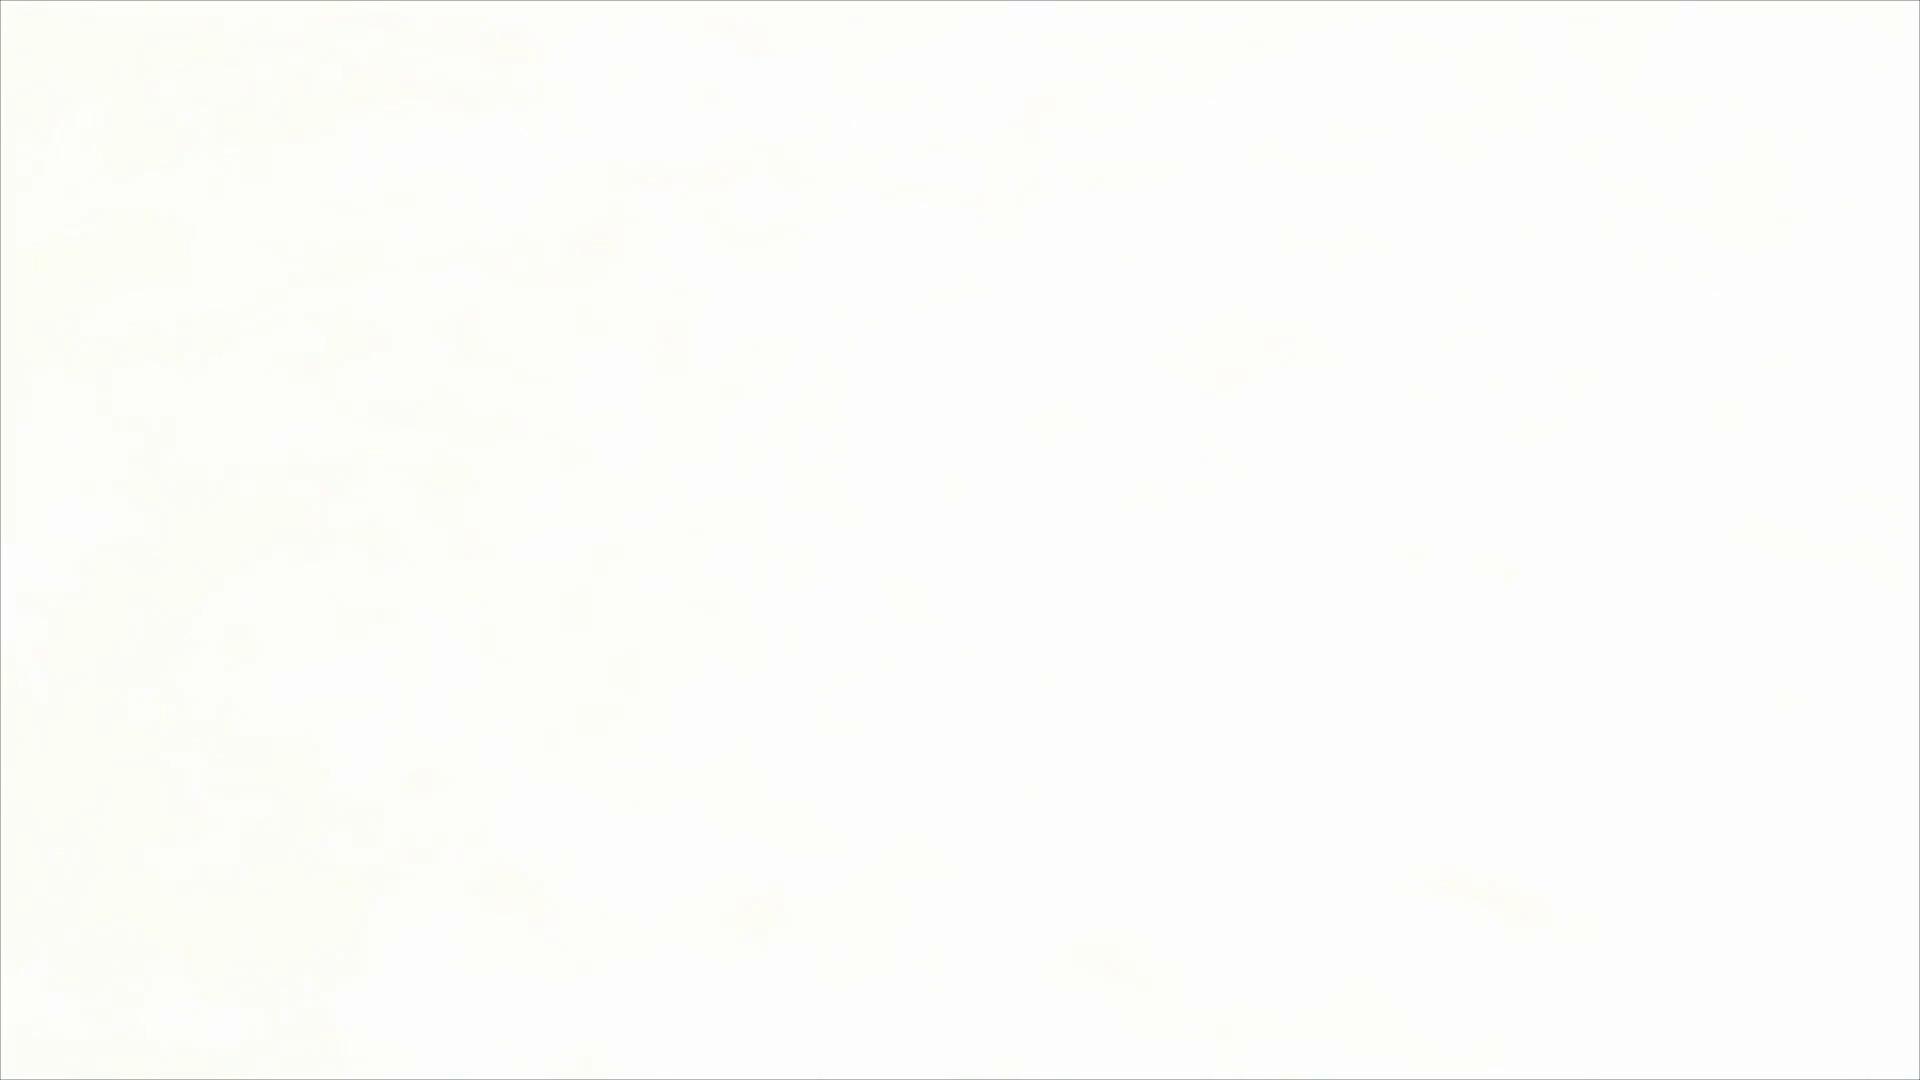 white hd wallpaper 1920x1080